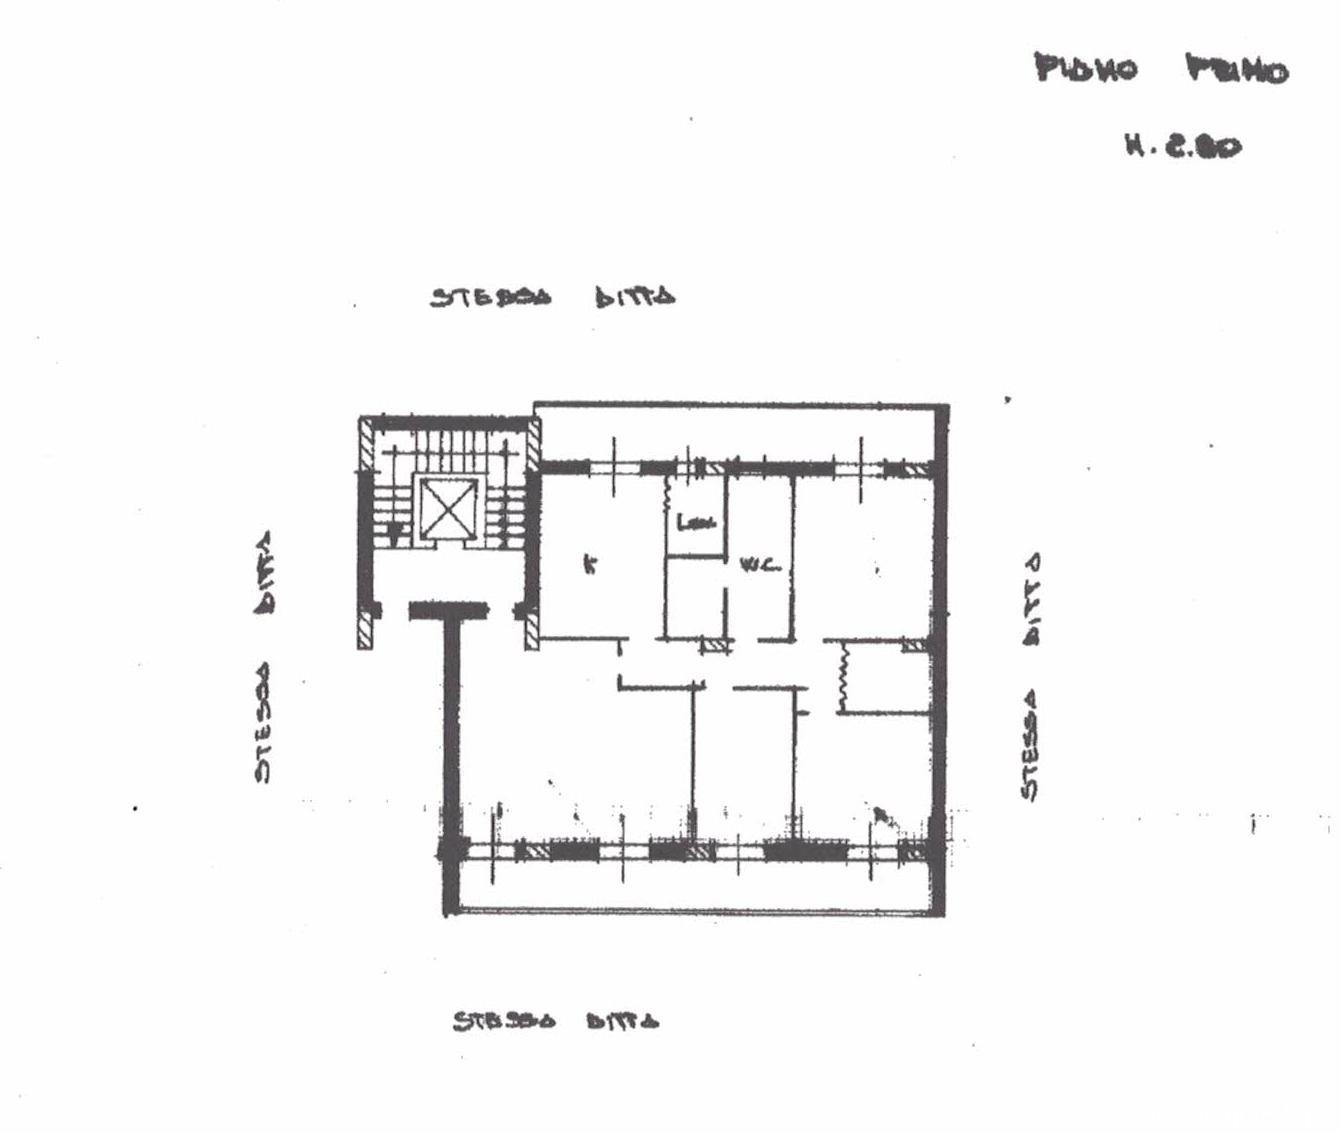 Planimetria Casa Vecchio